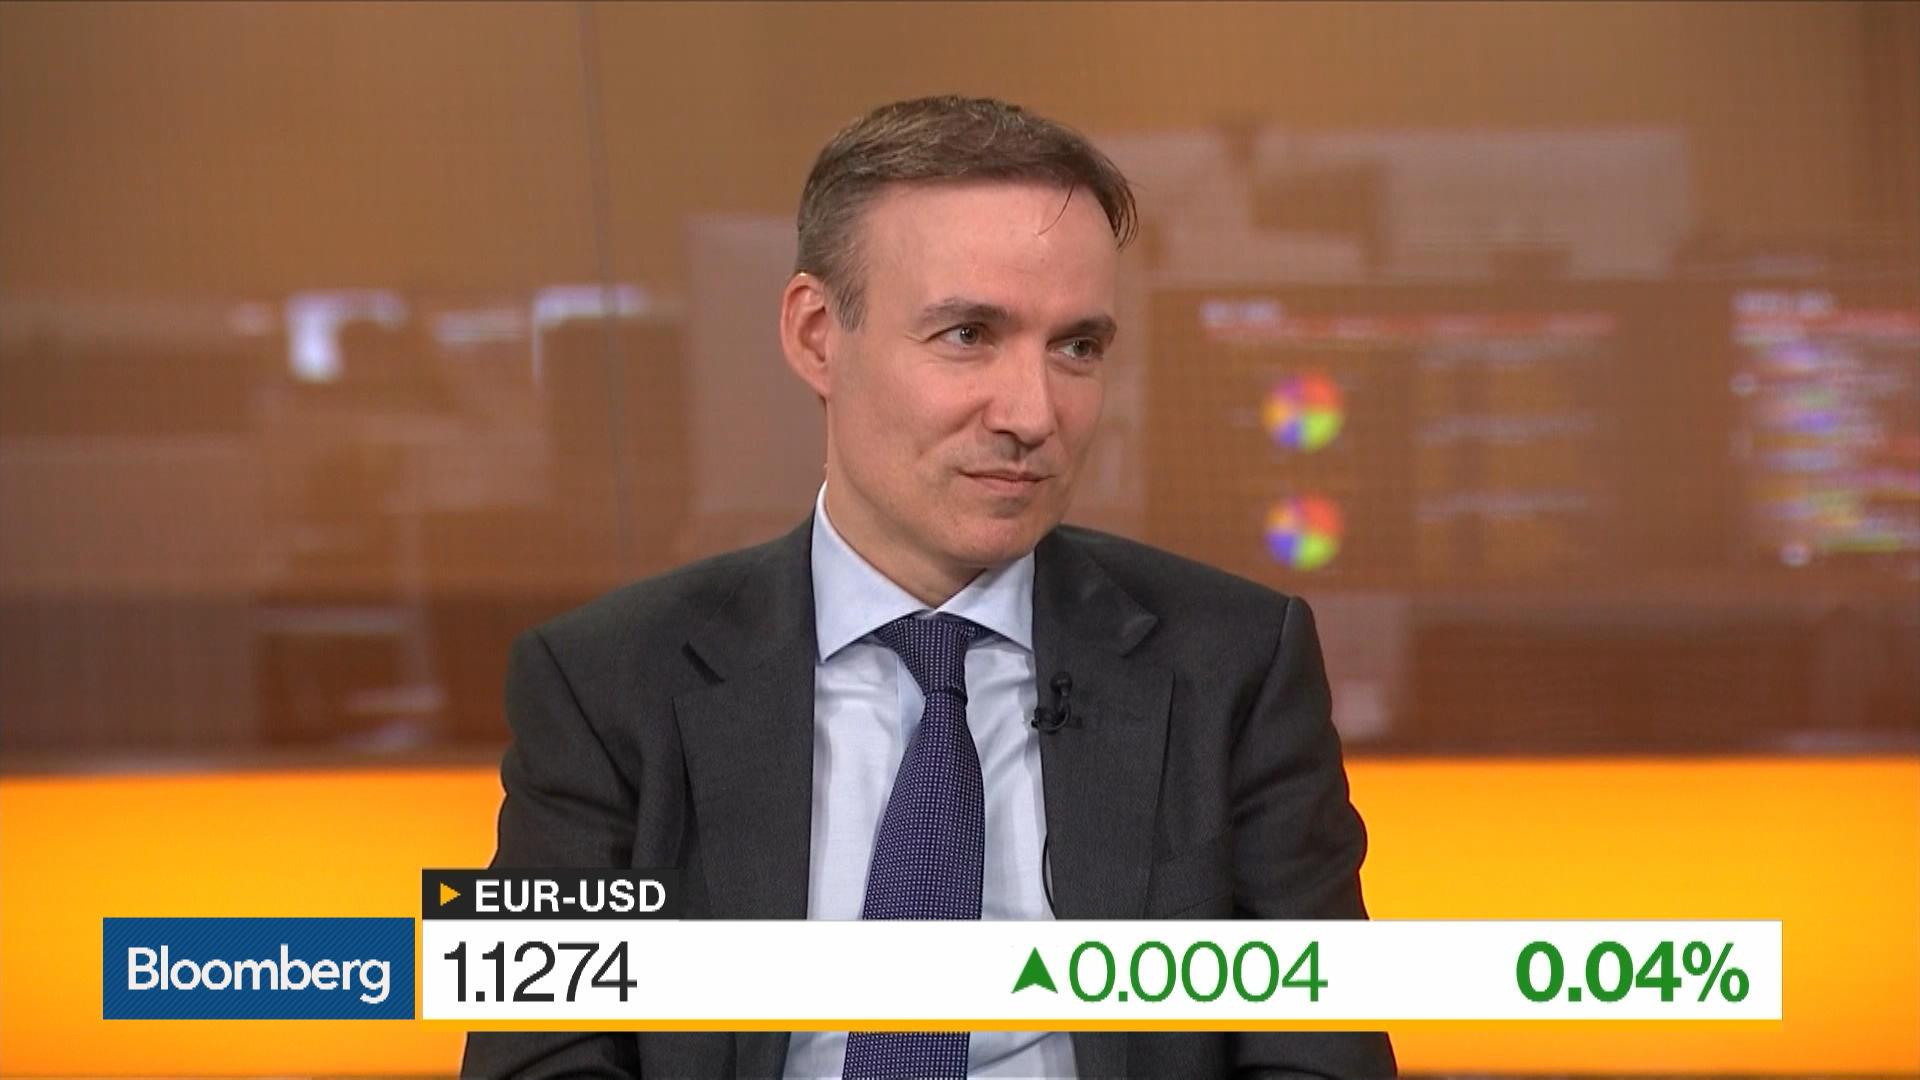 UBS' Arend Kapteyn on ECB